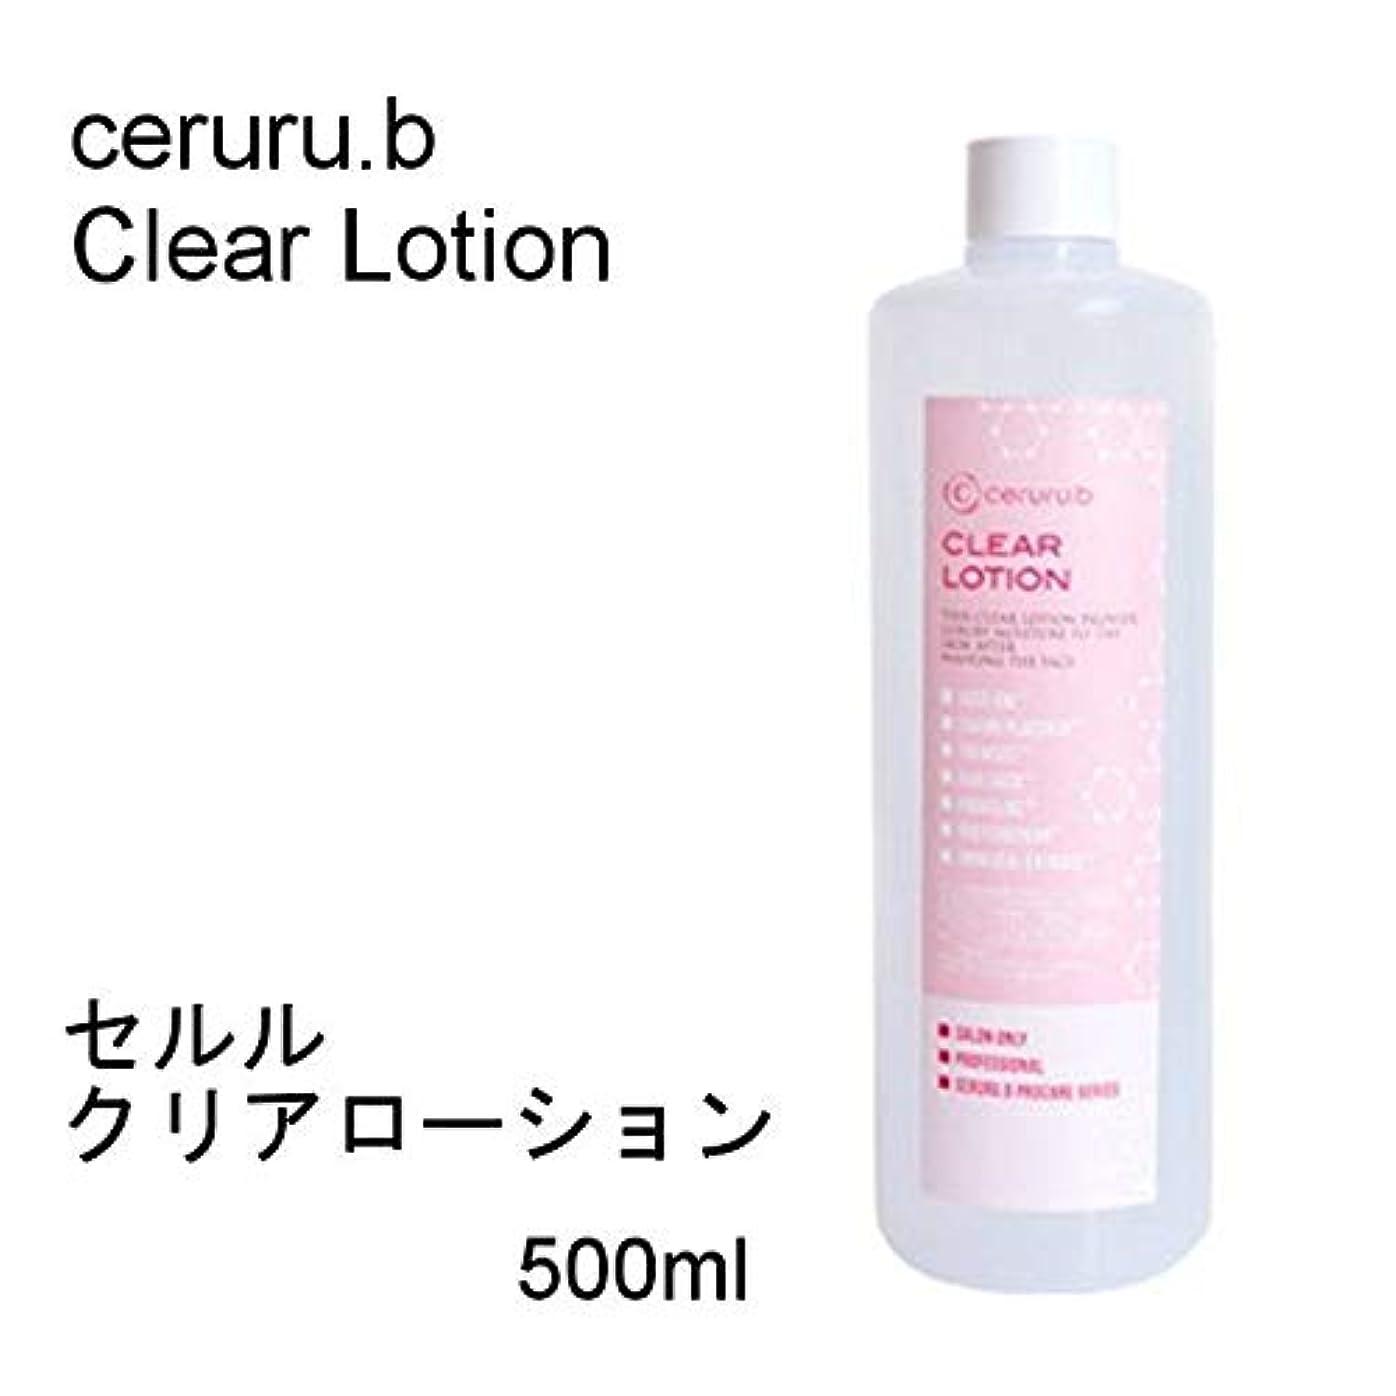 銀河ウォルターカニンガム風刺ceruru.b/セルル 業務用 クリアローション 化粧水 500mL